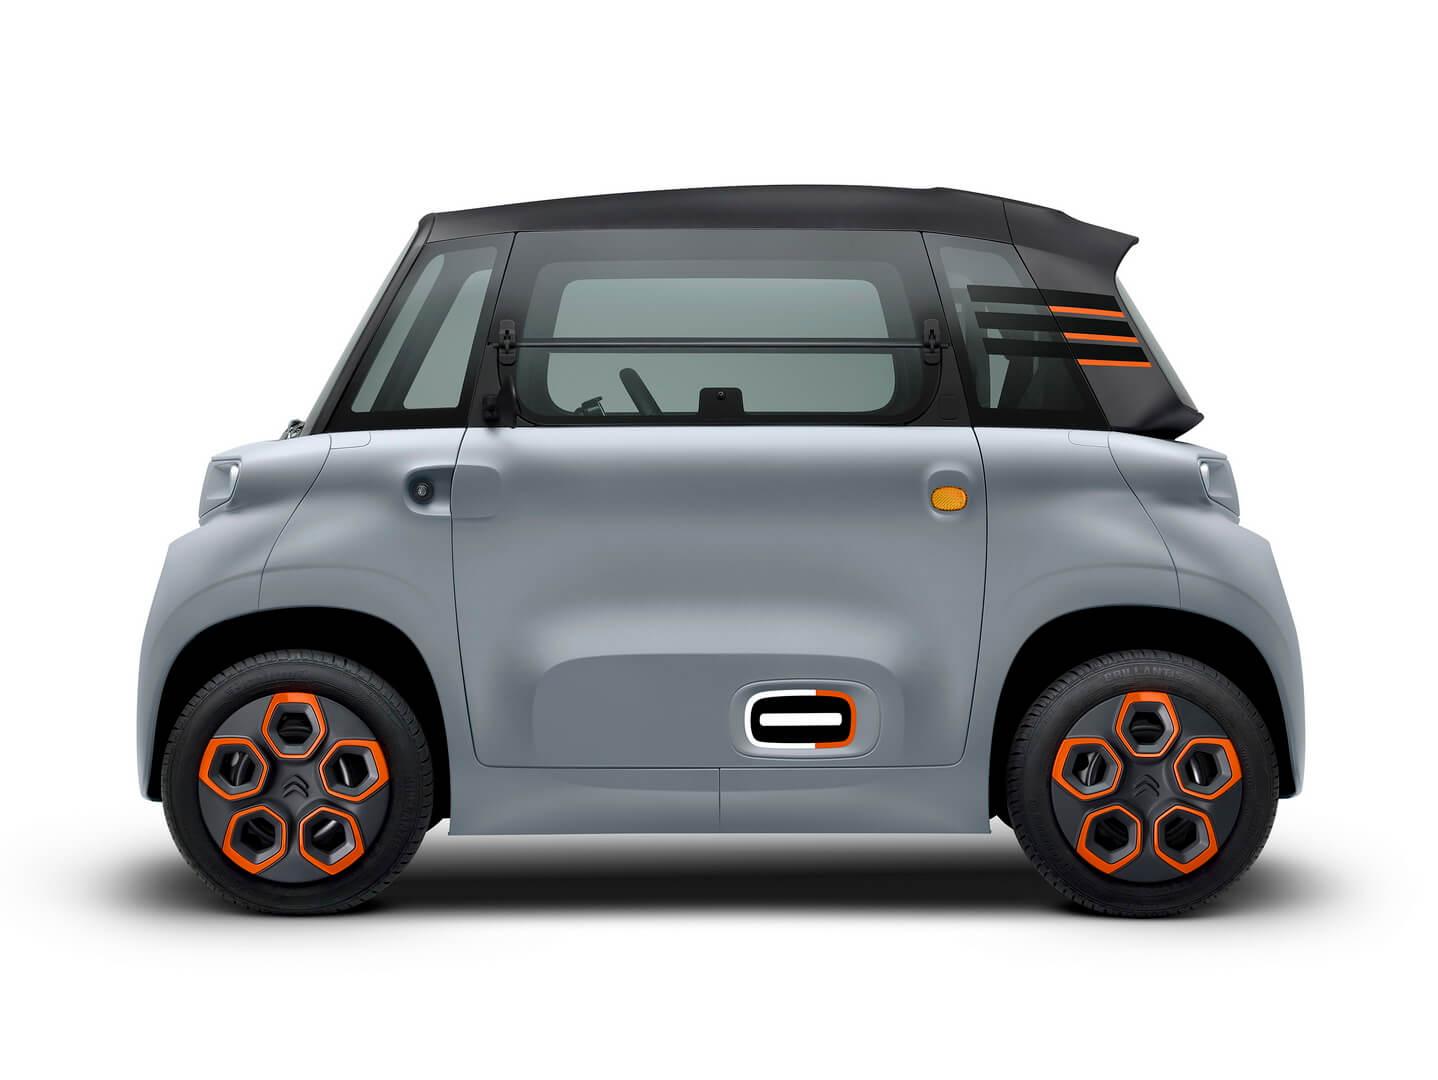 Citroën демонстрирует компактный электрический автомобиль за €6 000